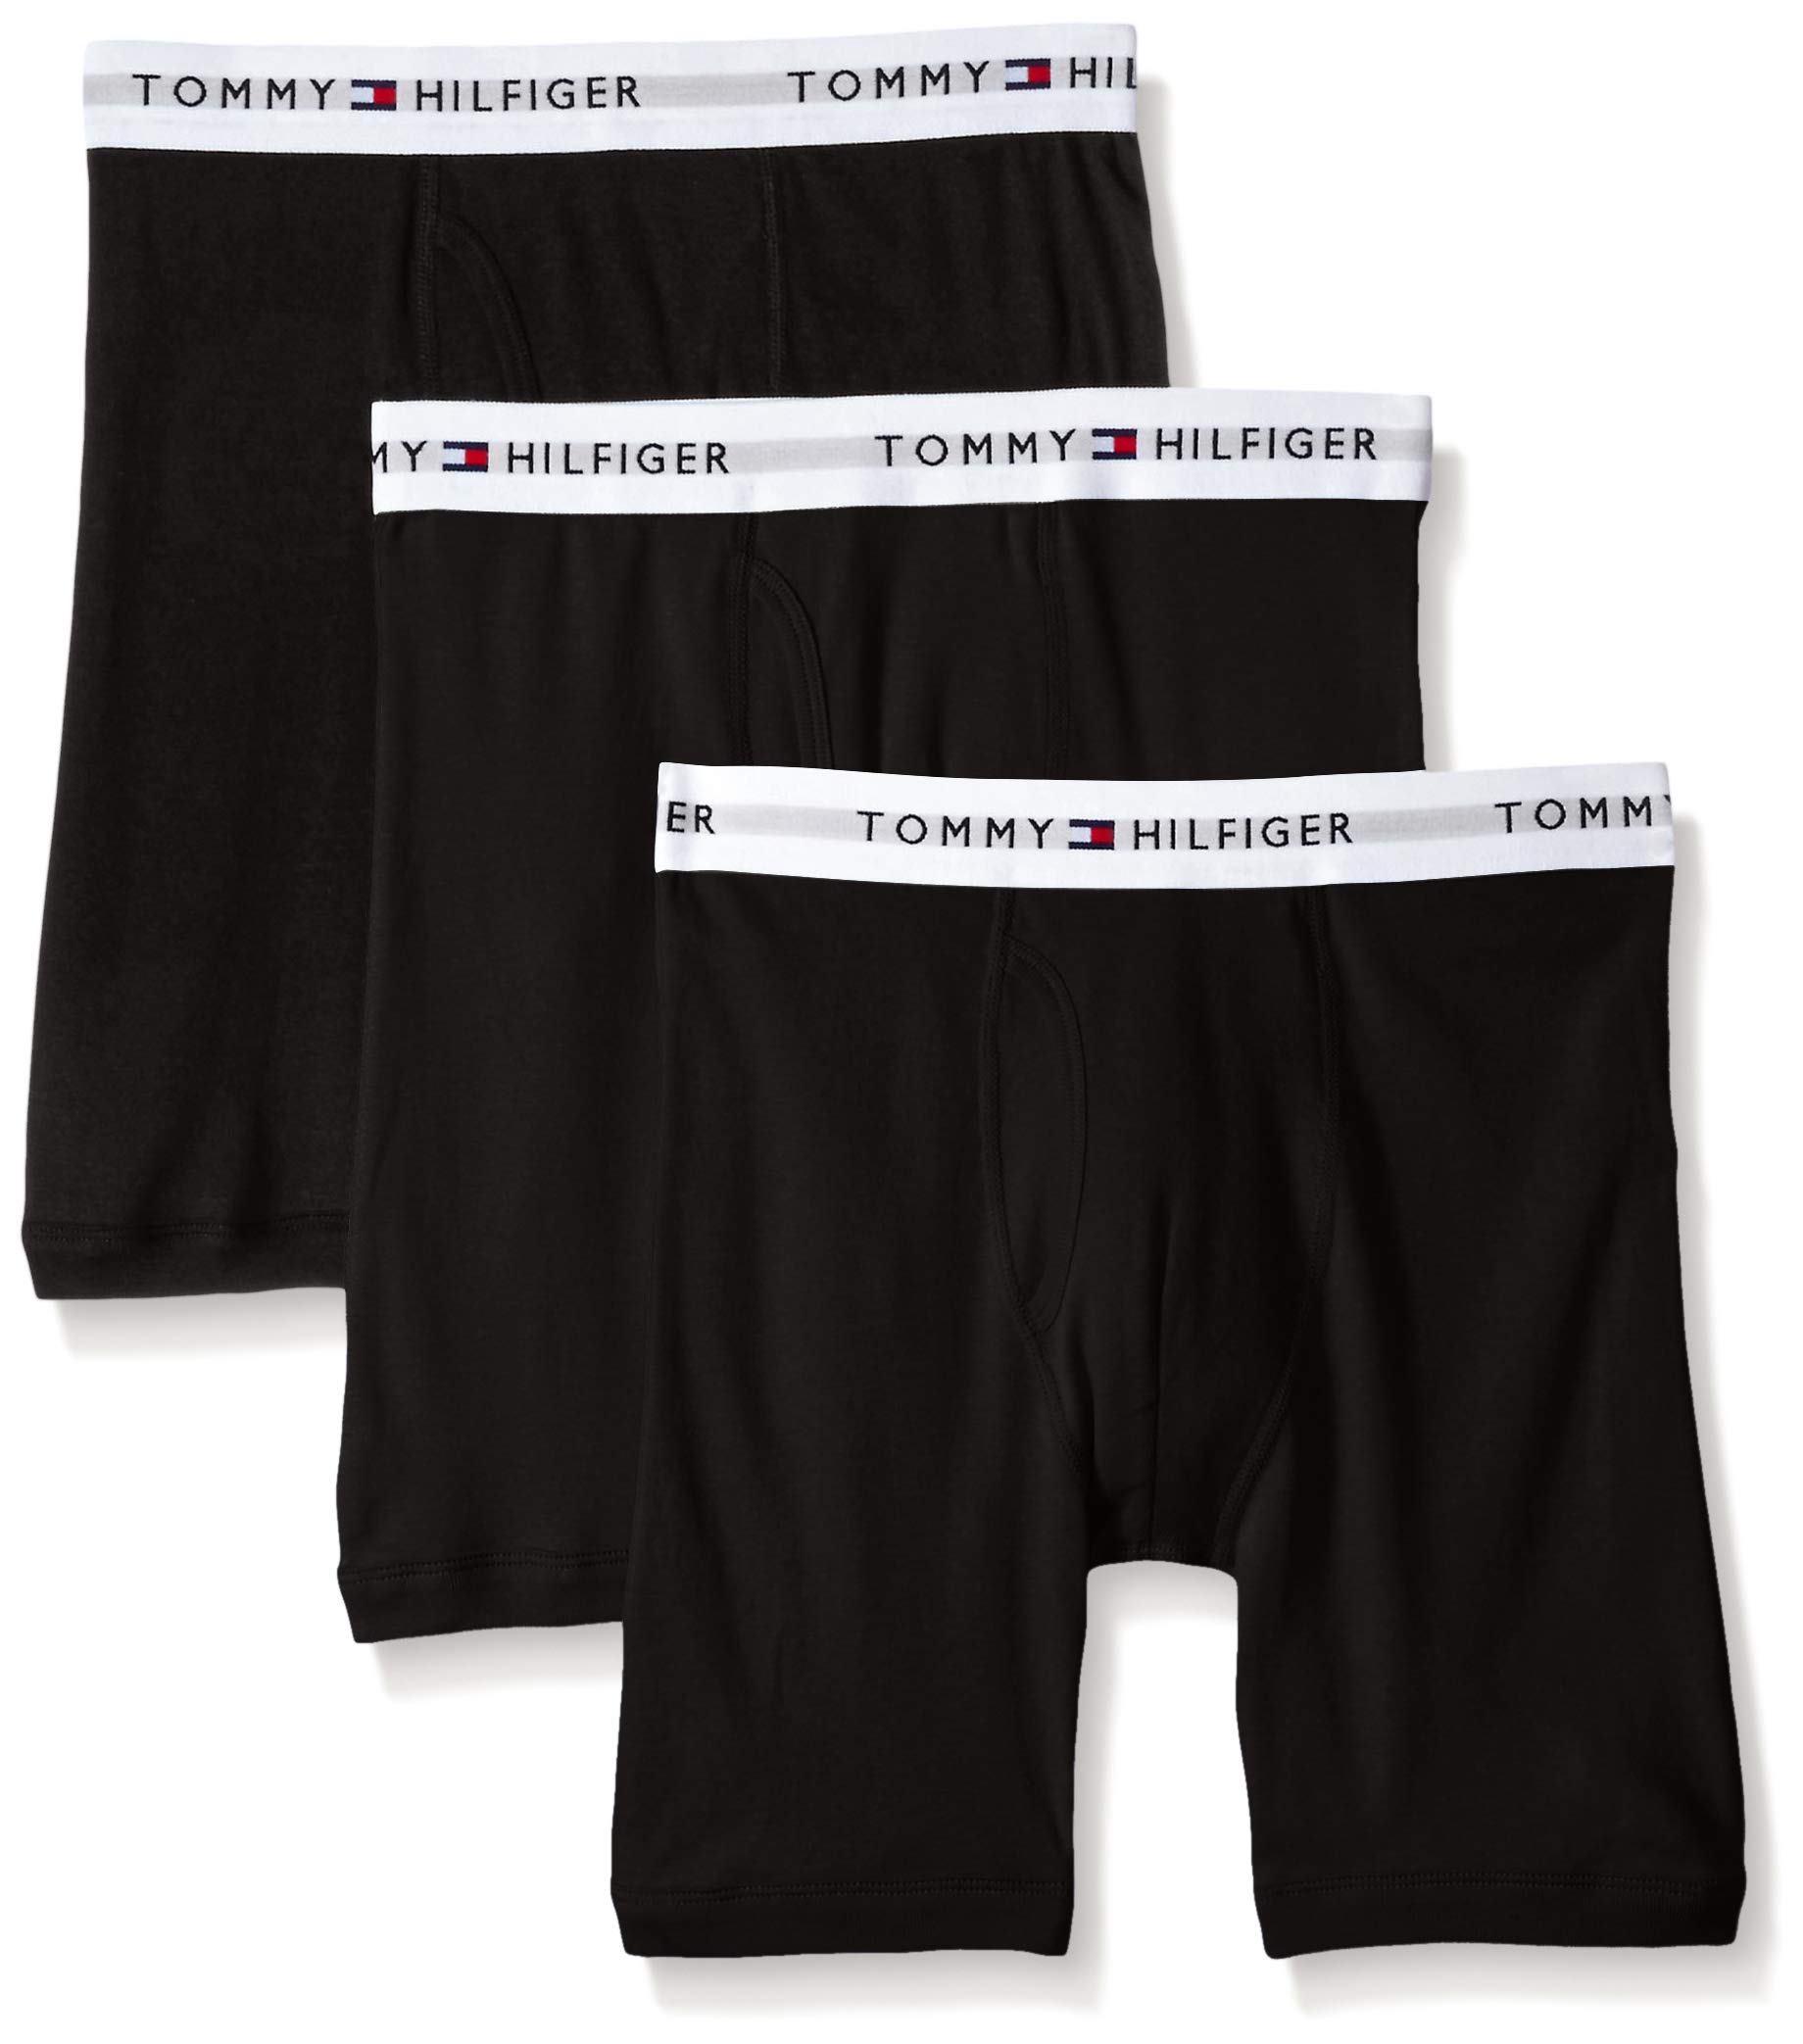 Tommy Hilfiger Men's Underwear 3 Pack Cotton